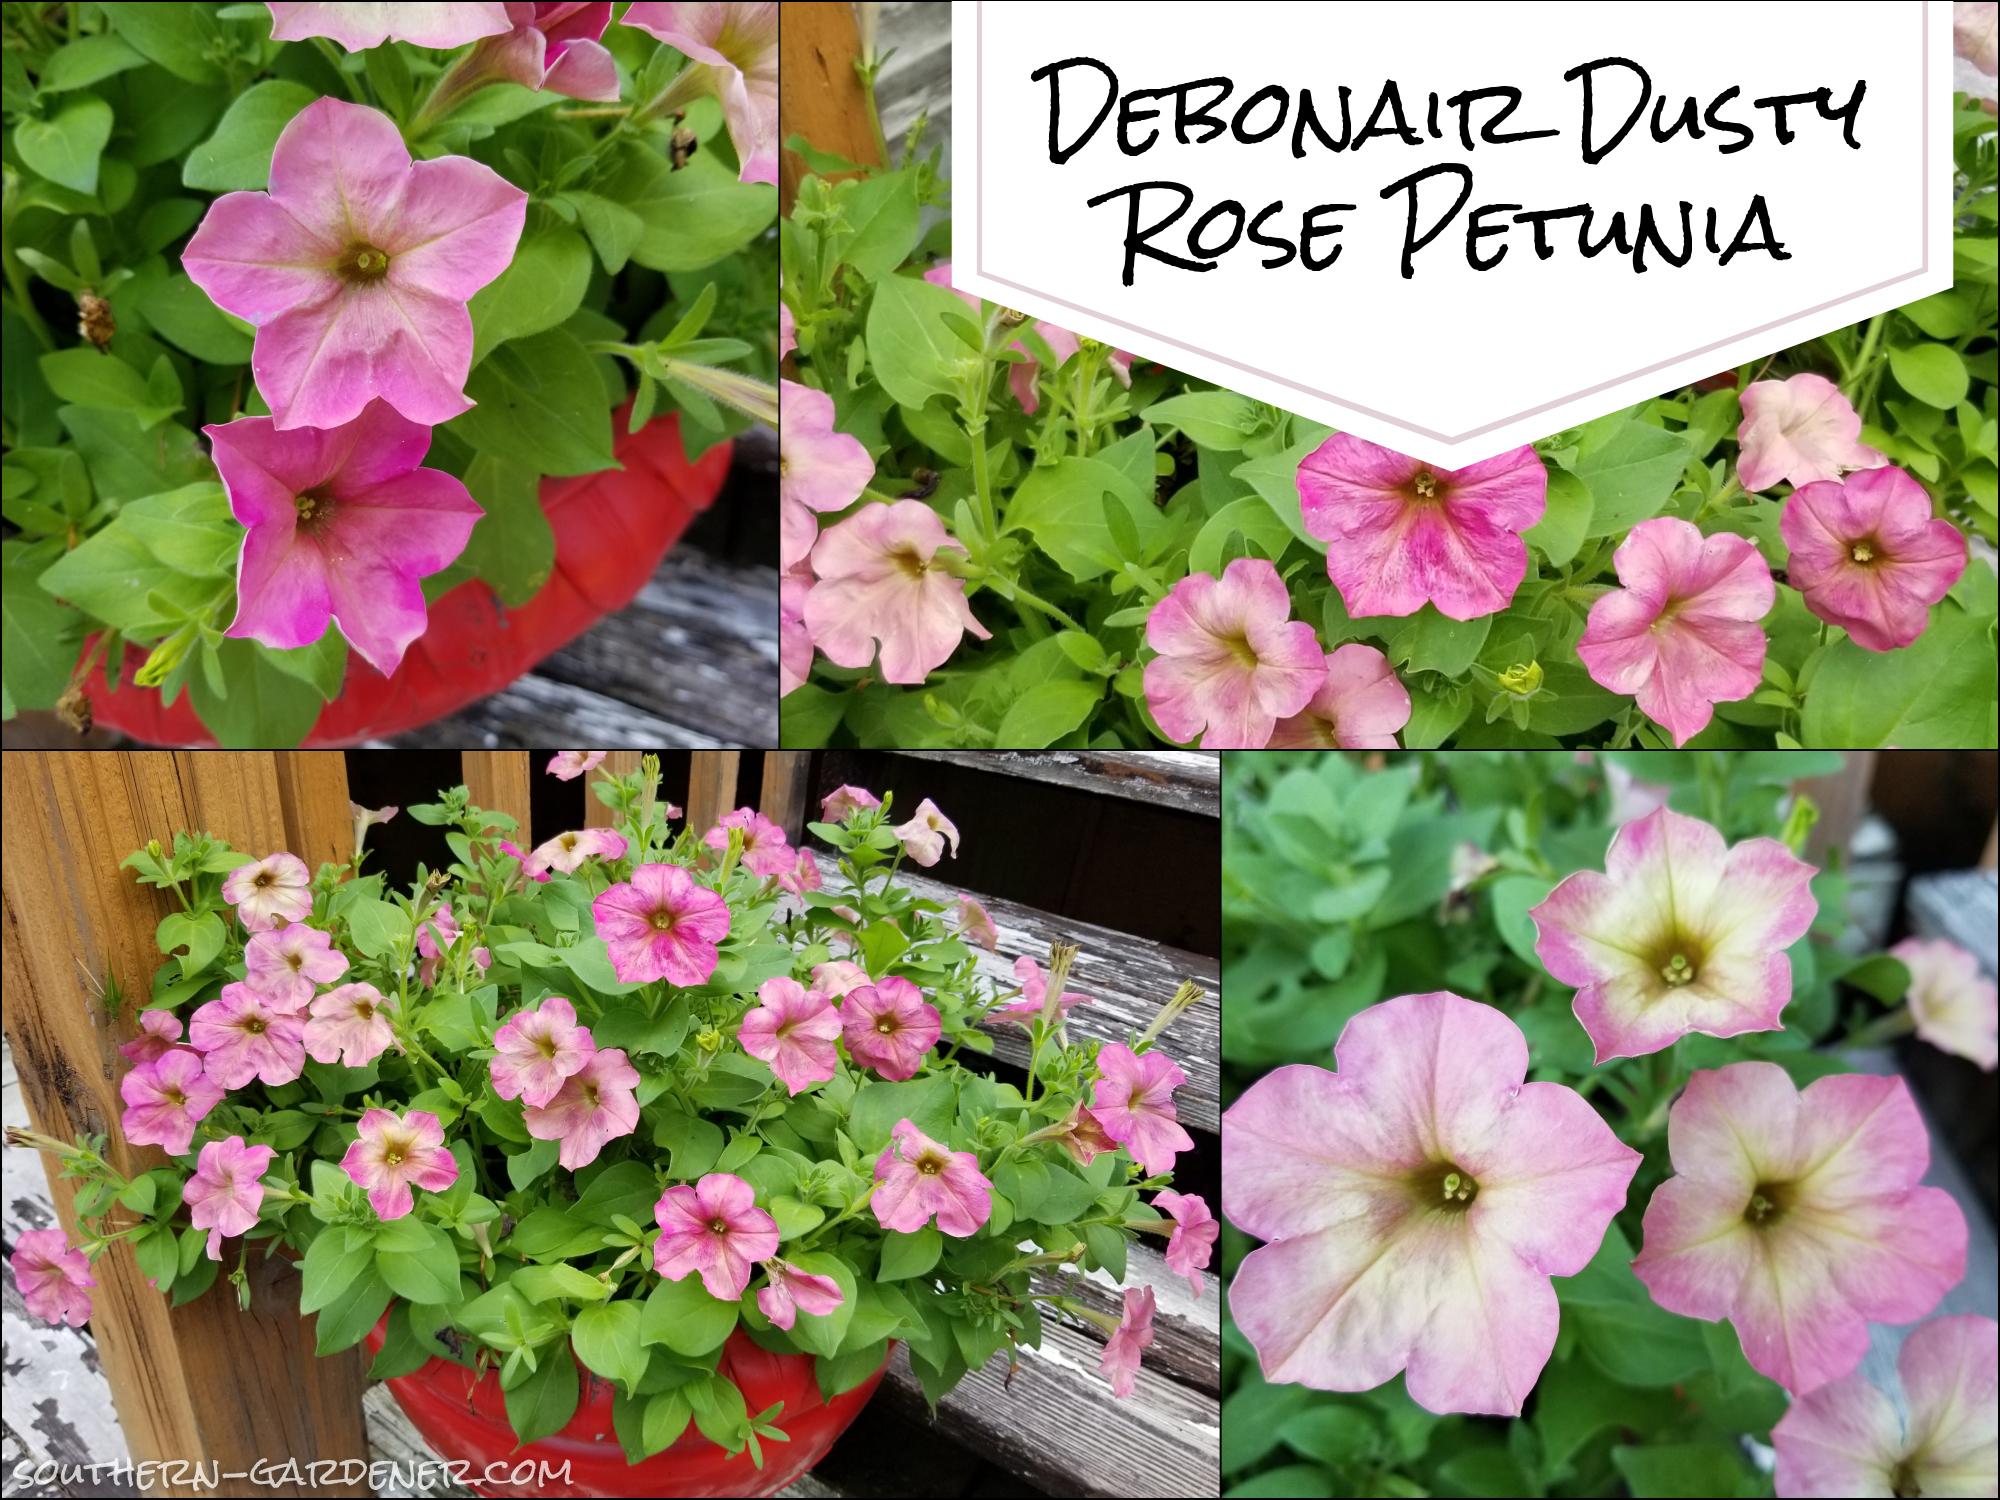 Debonair Dusty Rose Petunia